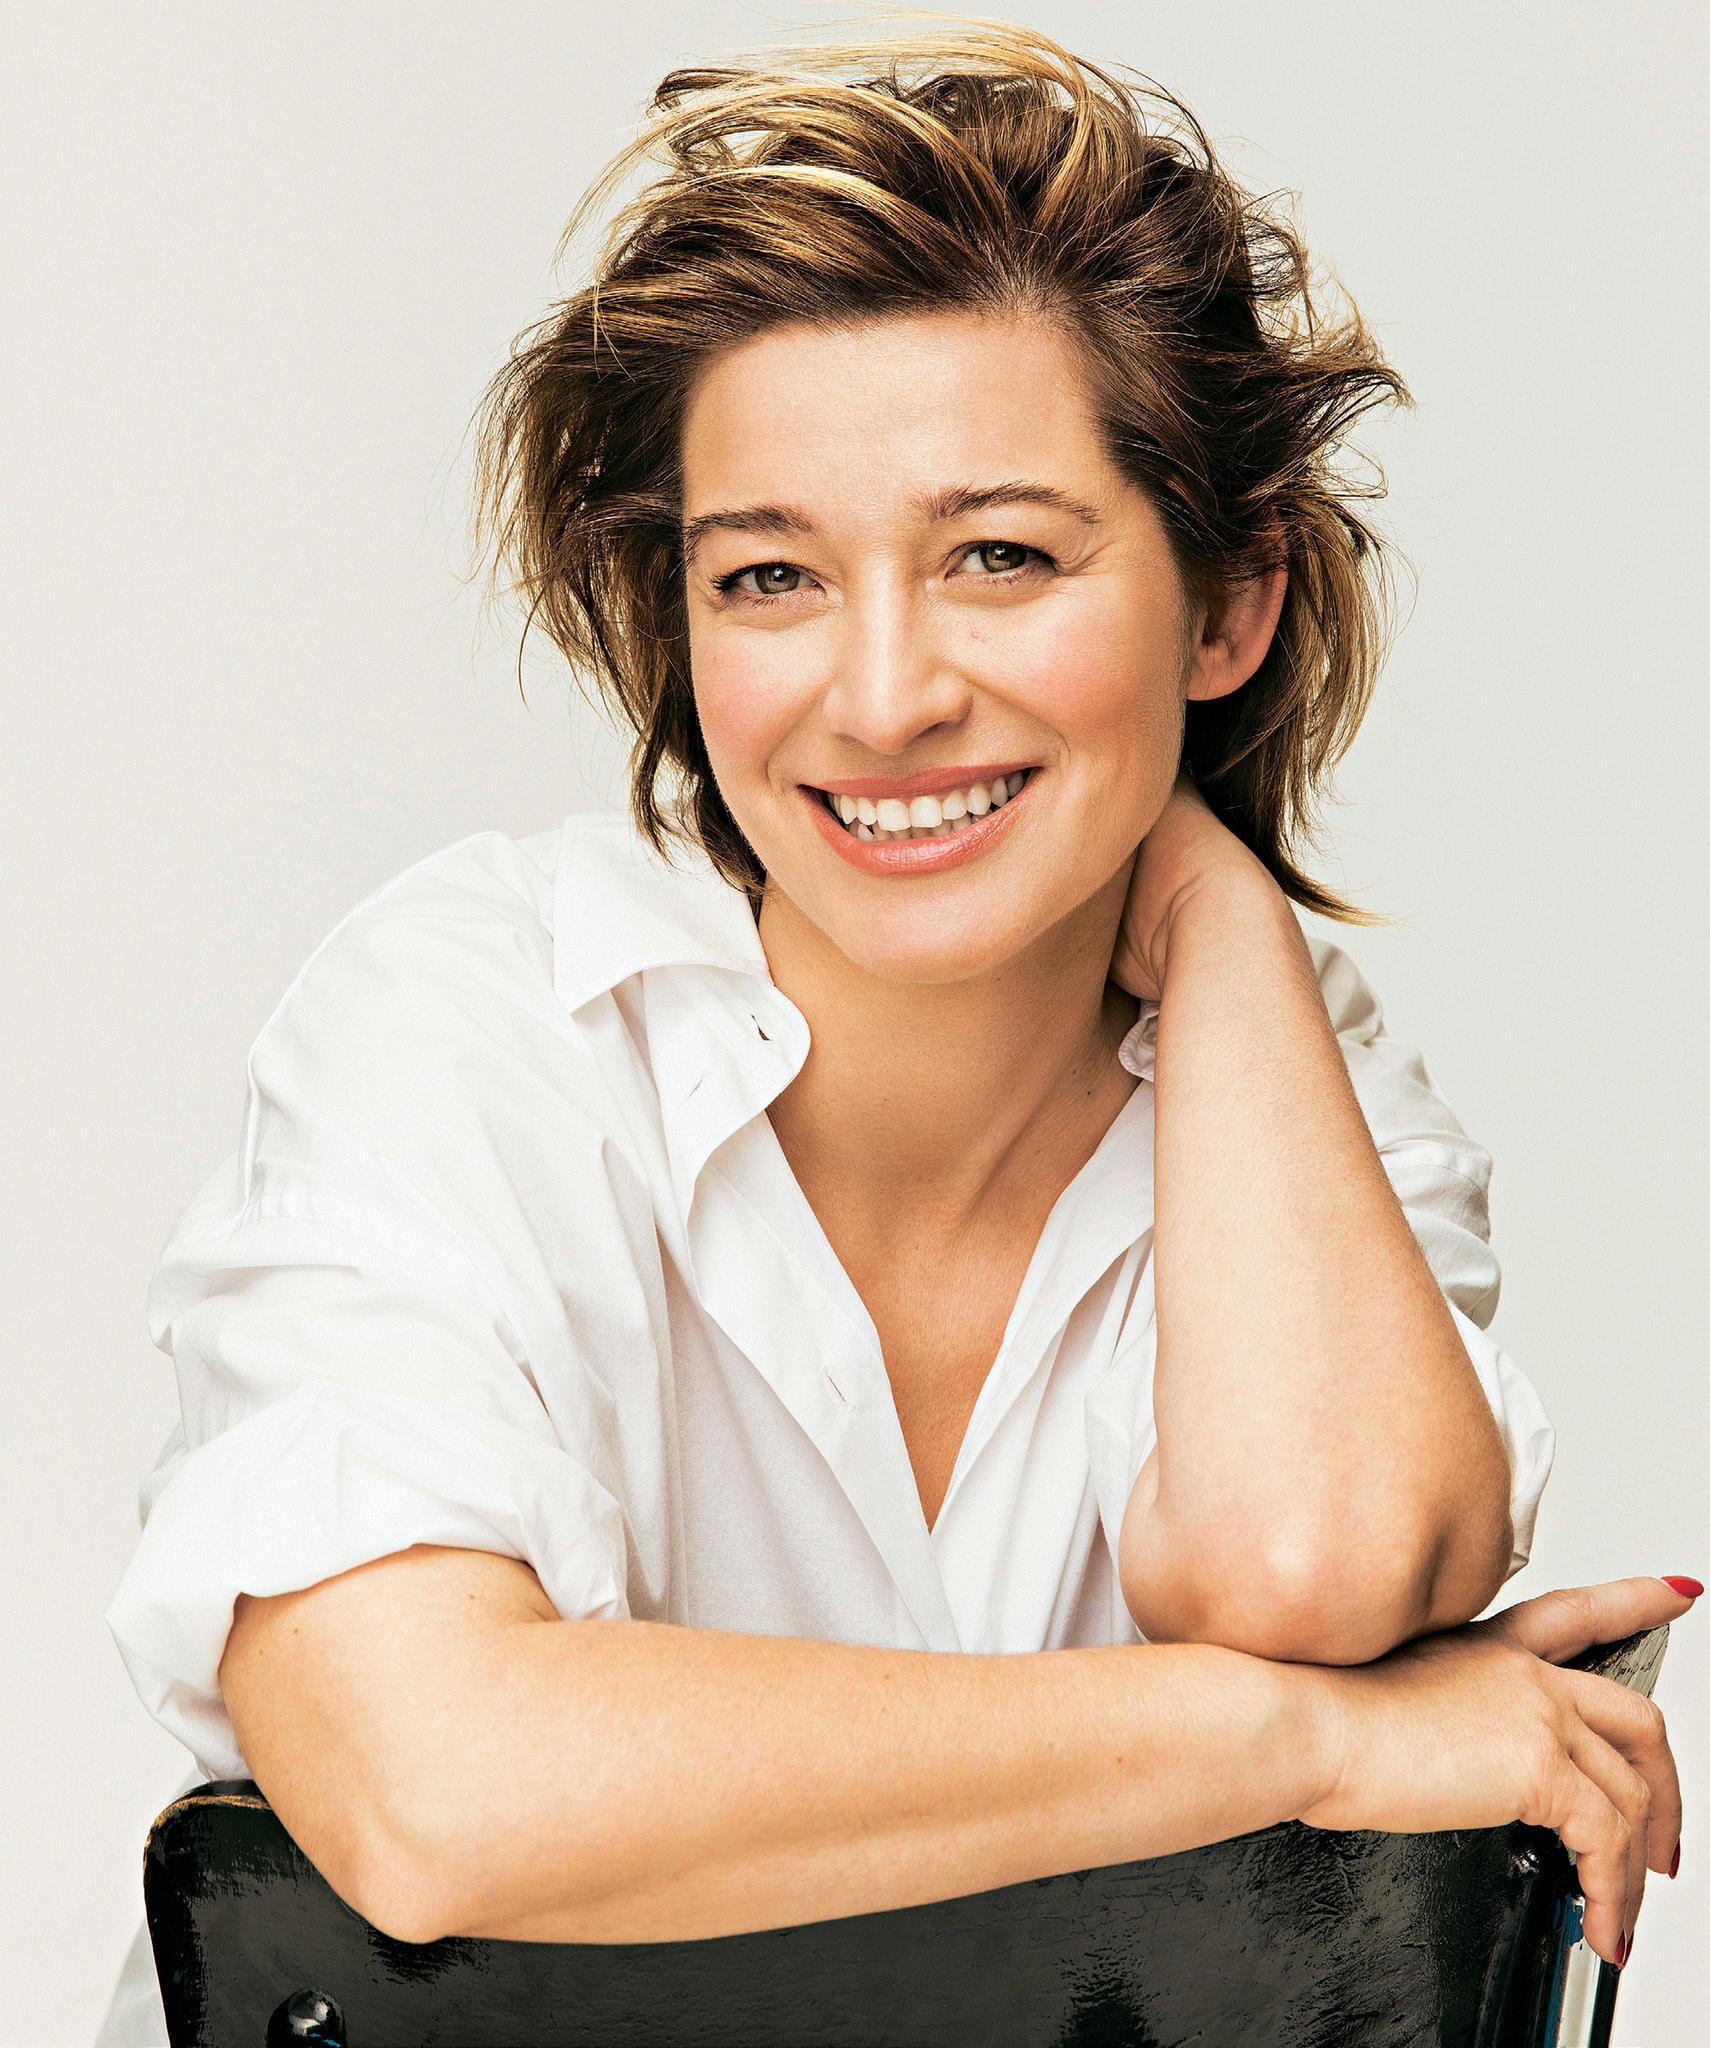 Frisur: Raquel nach dem Umstyling mit Frisur mit Anti-Age-Effekt